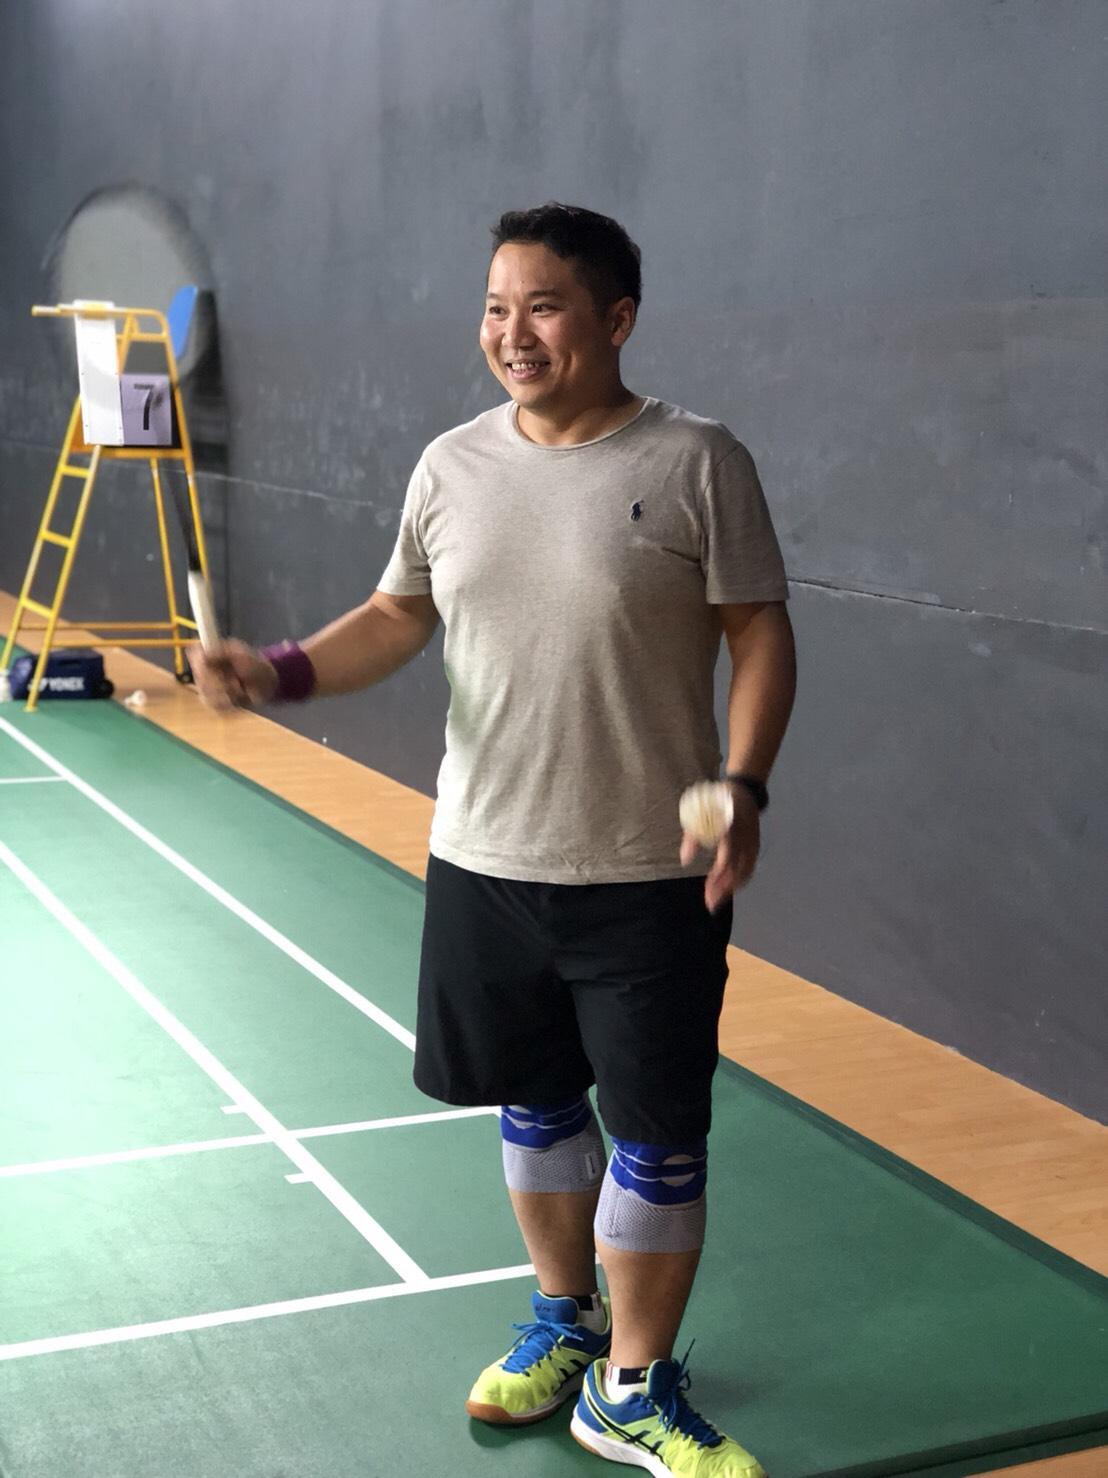 許書林是工作狂,一度忙到健康亮紅燈,如今重拾學生時期最愛的羽球運動。(許書林提供)